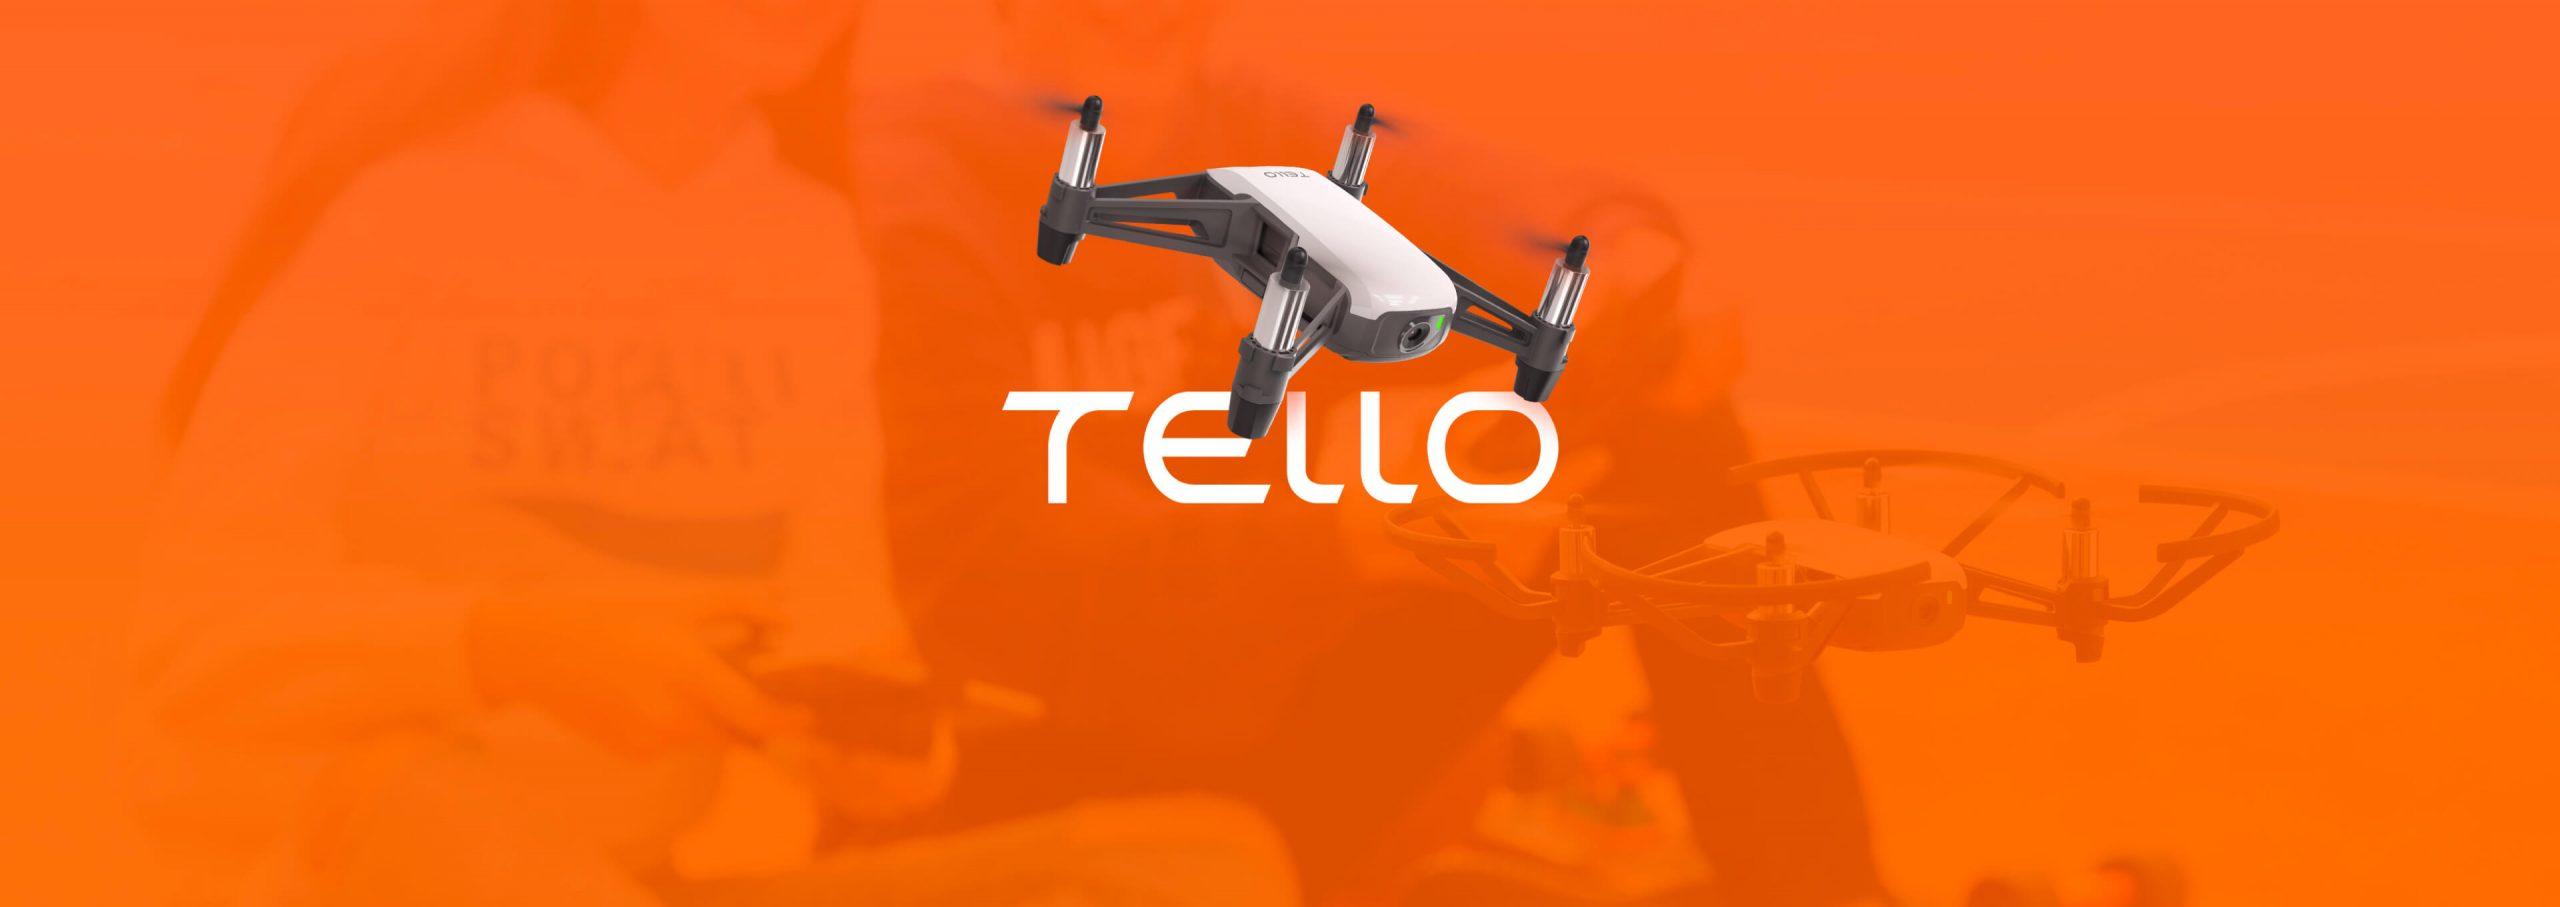 Tello được trang bị bộ xử lý hình ảnh chất lượng cao giúp quay, chụp ấn tượng